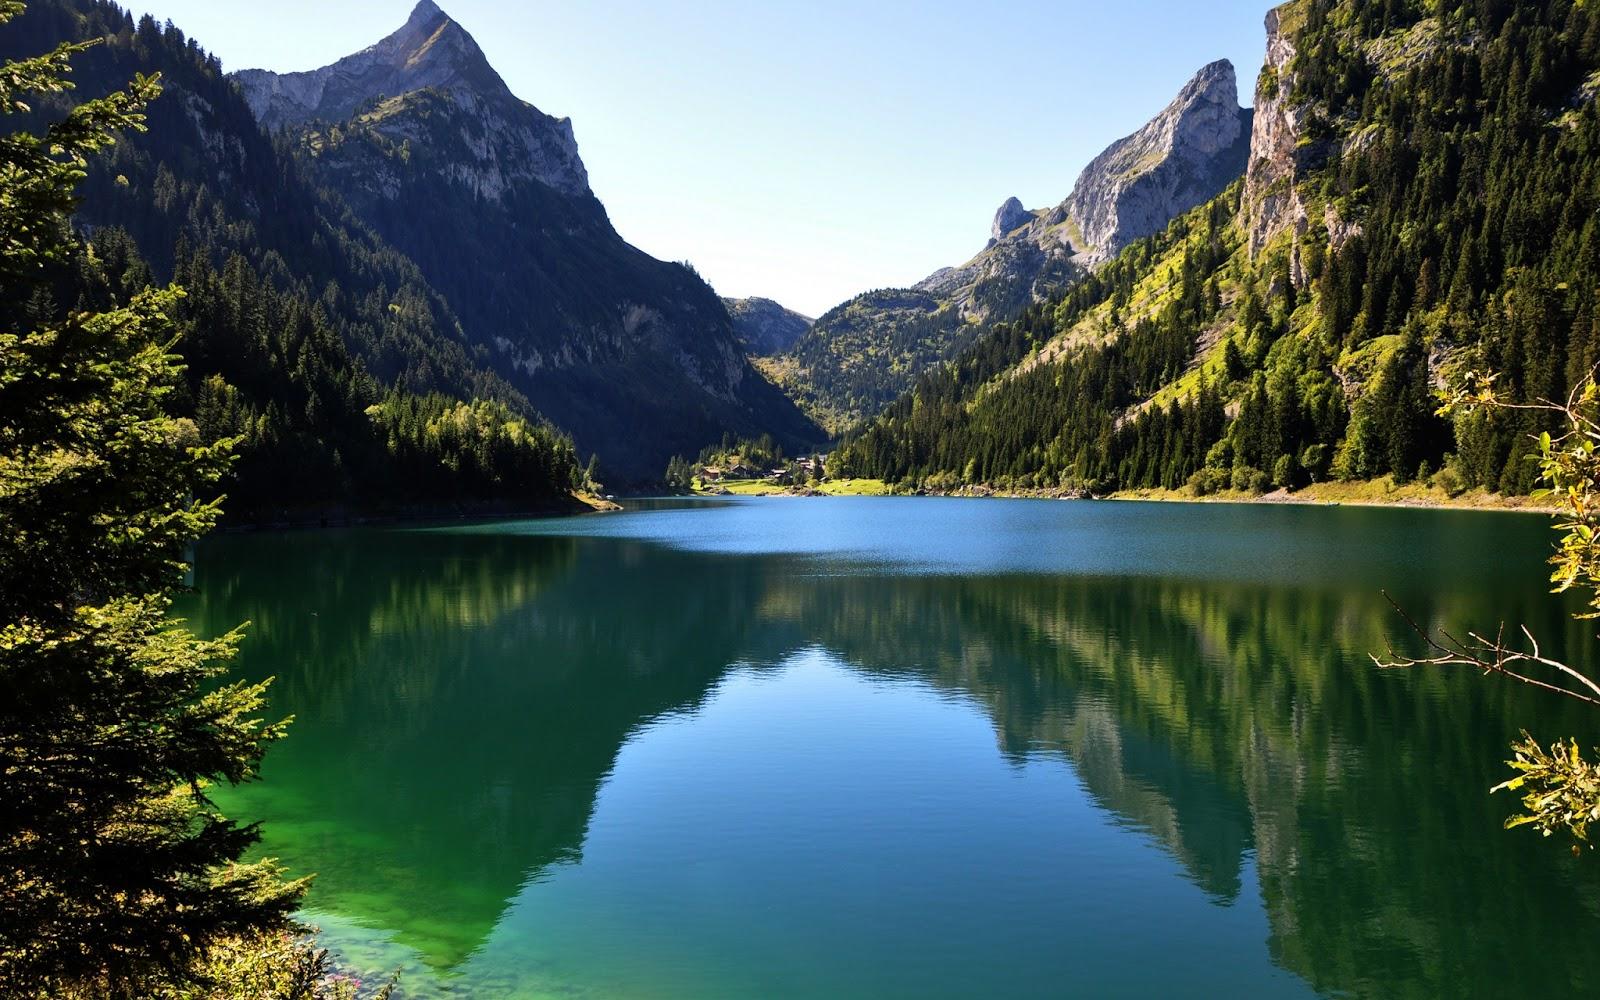 En güzel doğa manzara resimleri walpaperler | En Dandik Blog